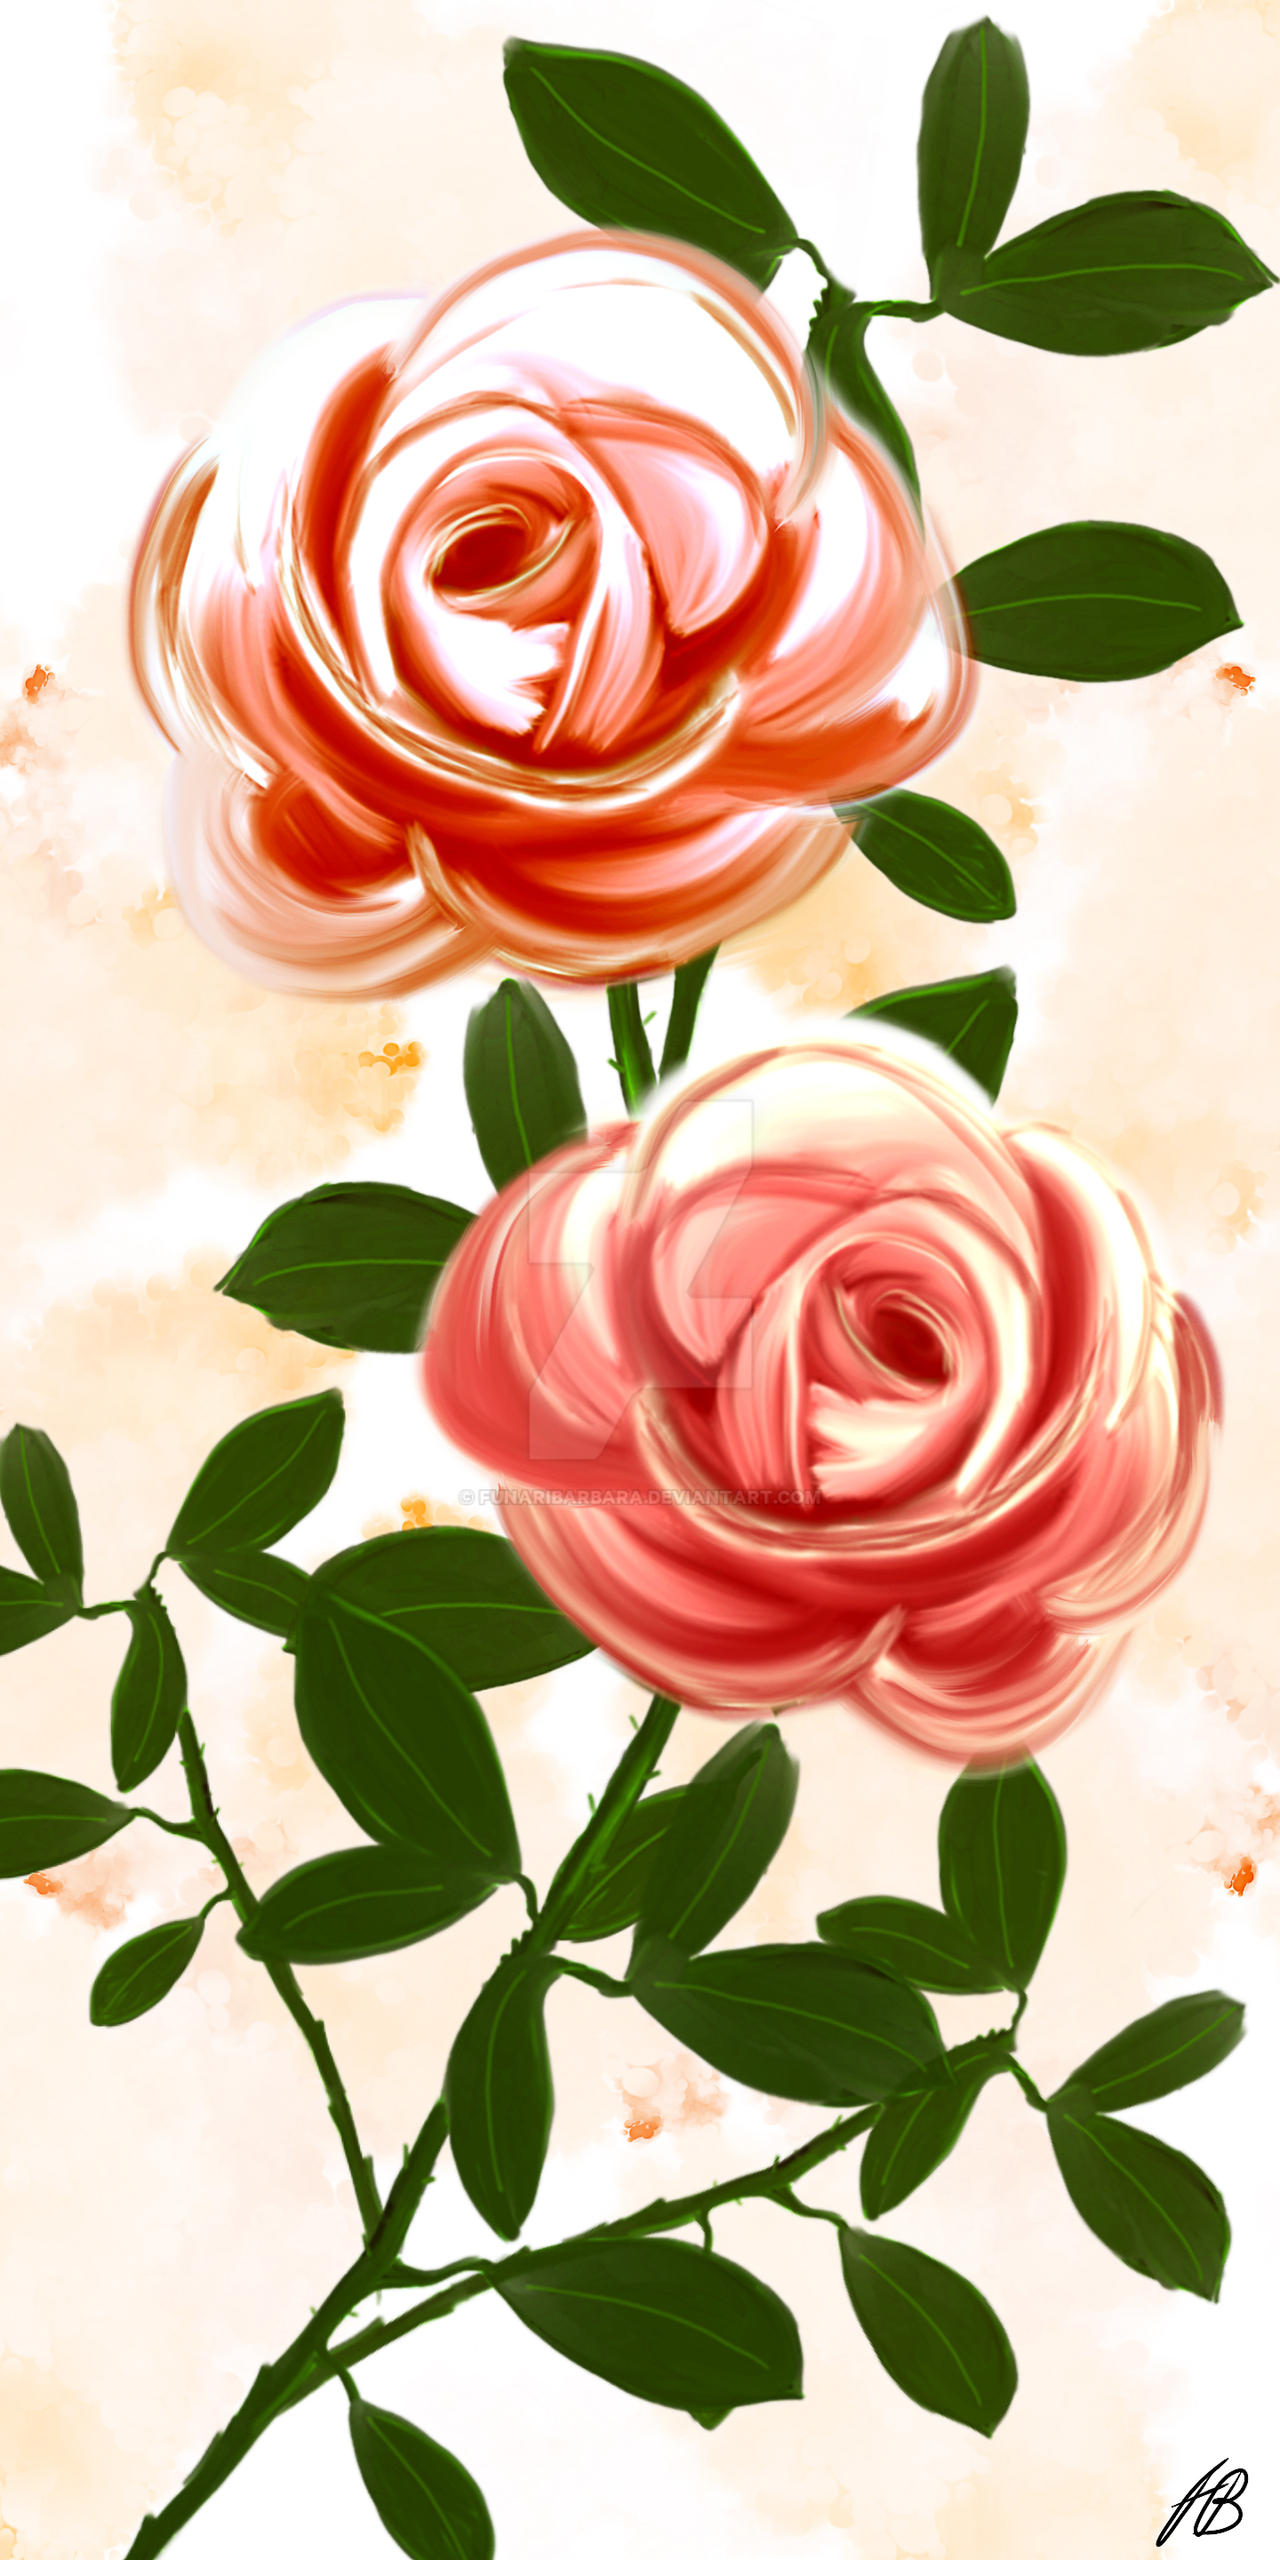 Rose (original)